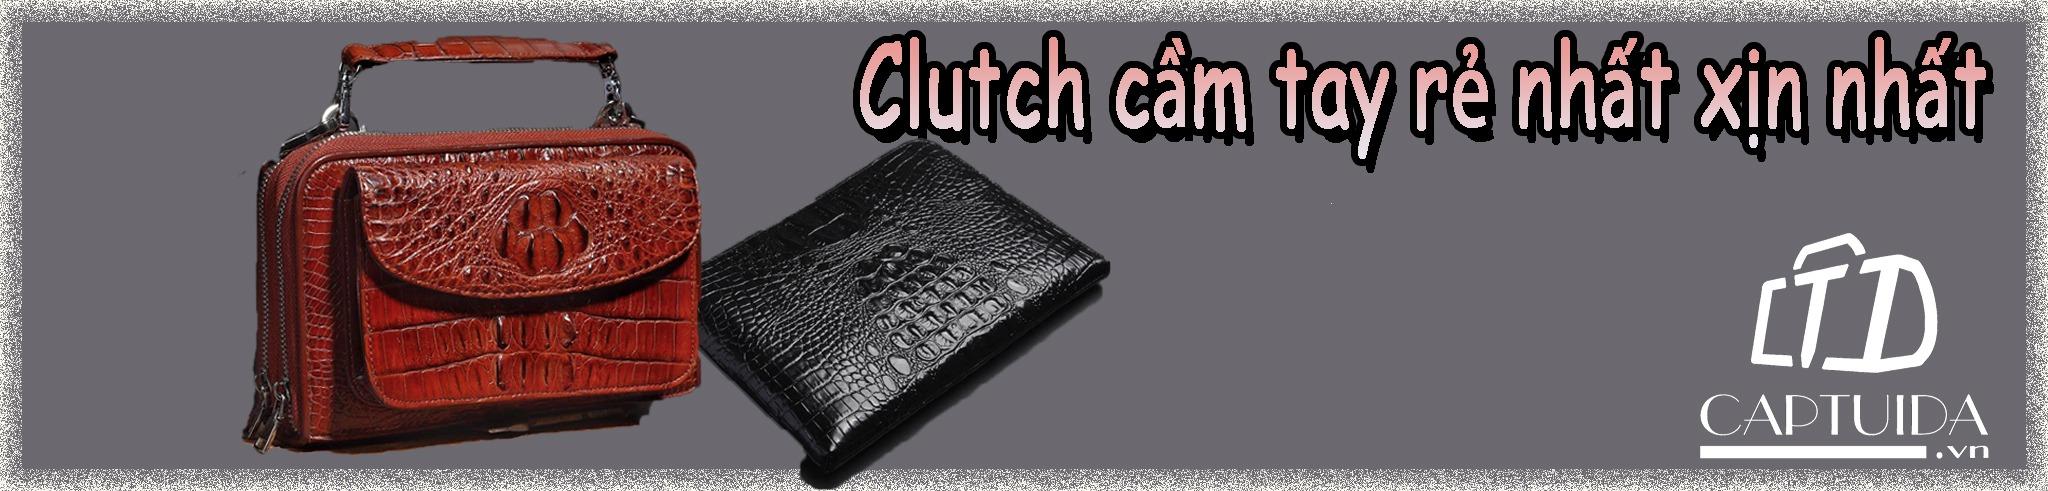 Clutch cầm tay